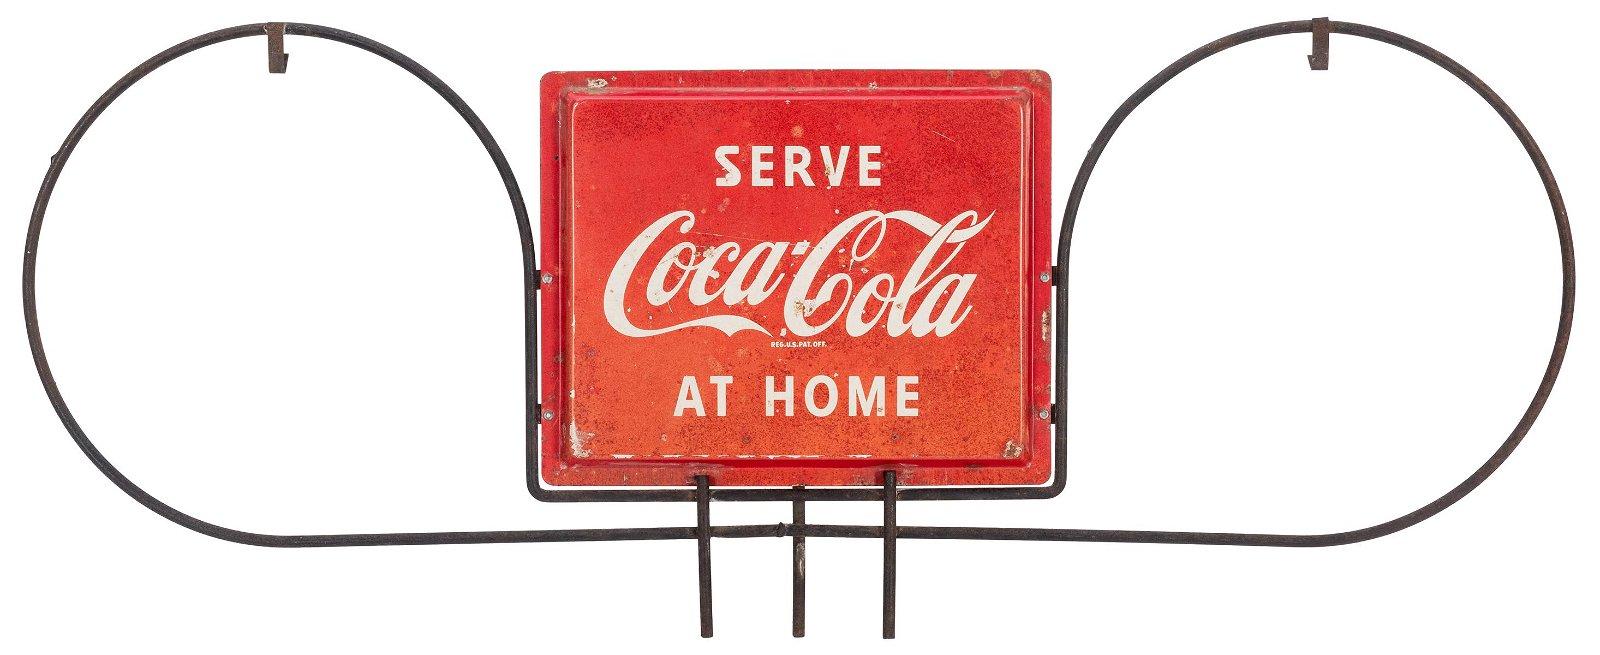 Serve Coca-Cola at Home Hanging Sign. Circa 1960.